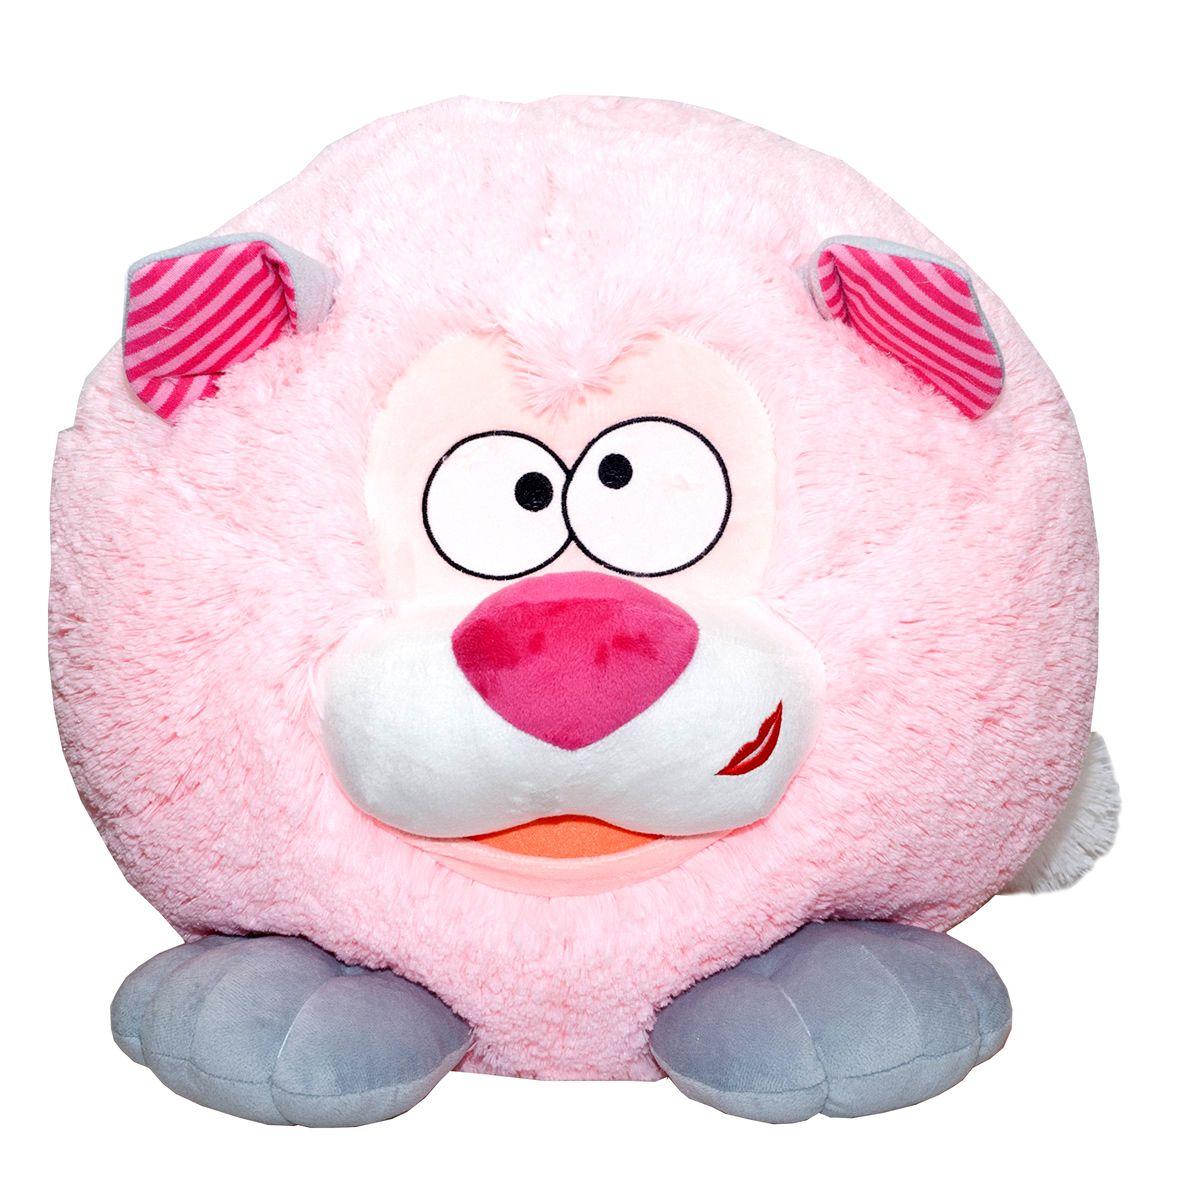 Fancy Мягкая игрушка Котенок Круглик цвет розовый 40 см купить бритаского голубого котенка спб